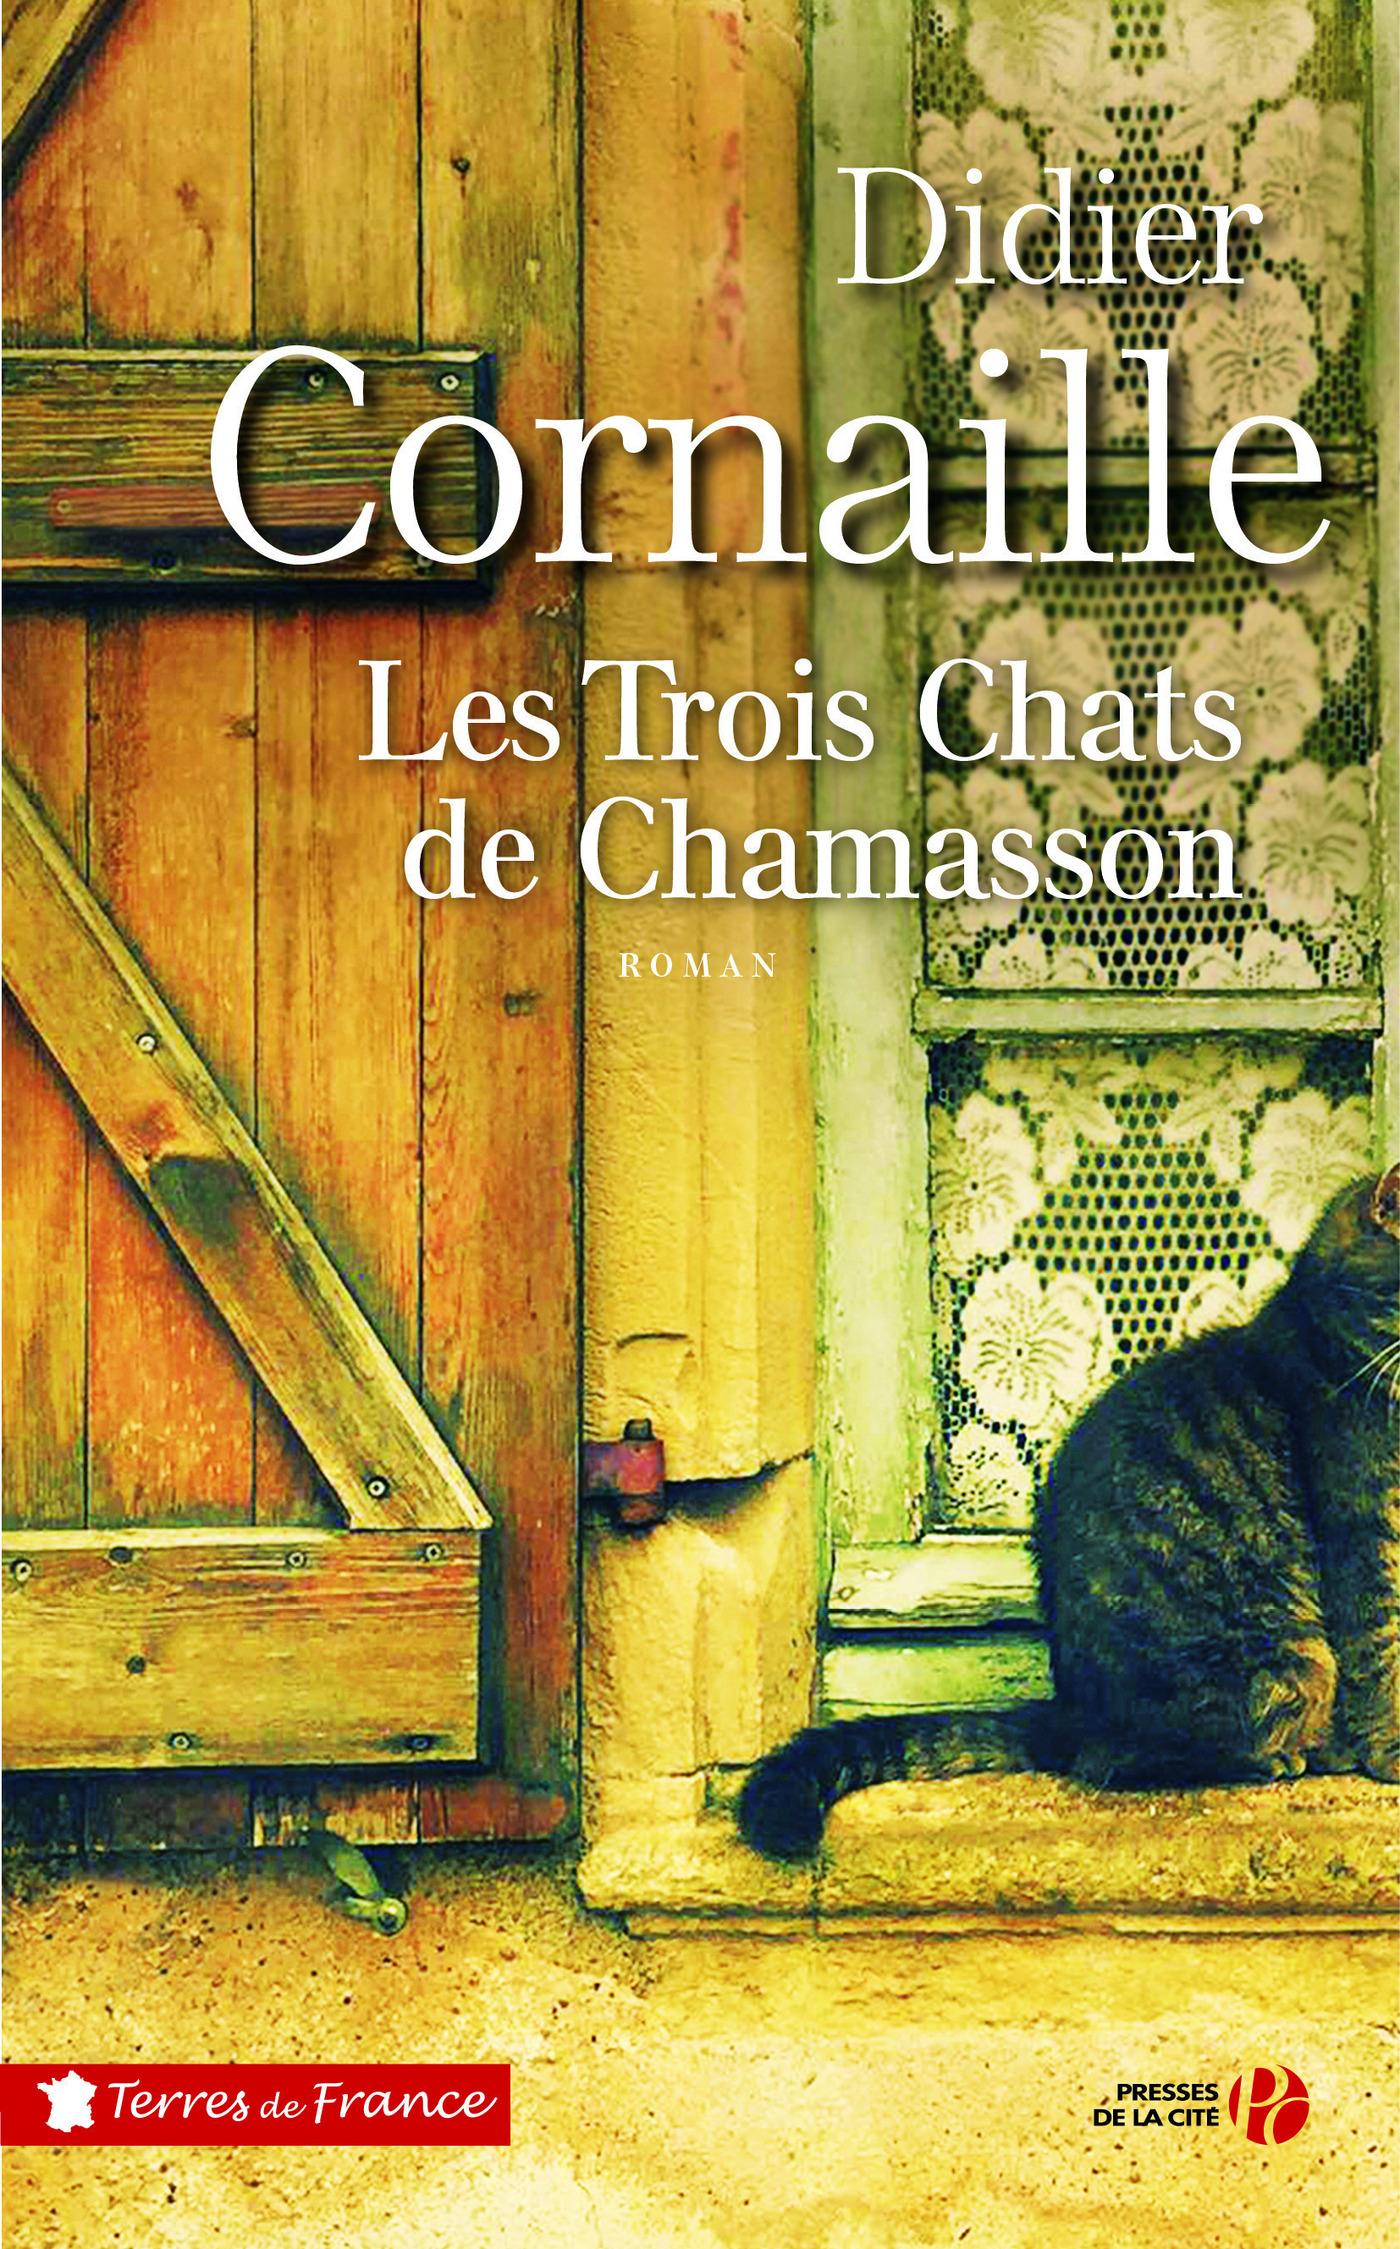 Les trois chats de Chamasson   CORNAILLE, Didier